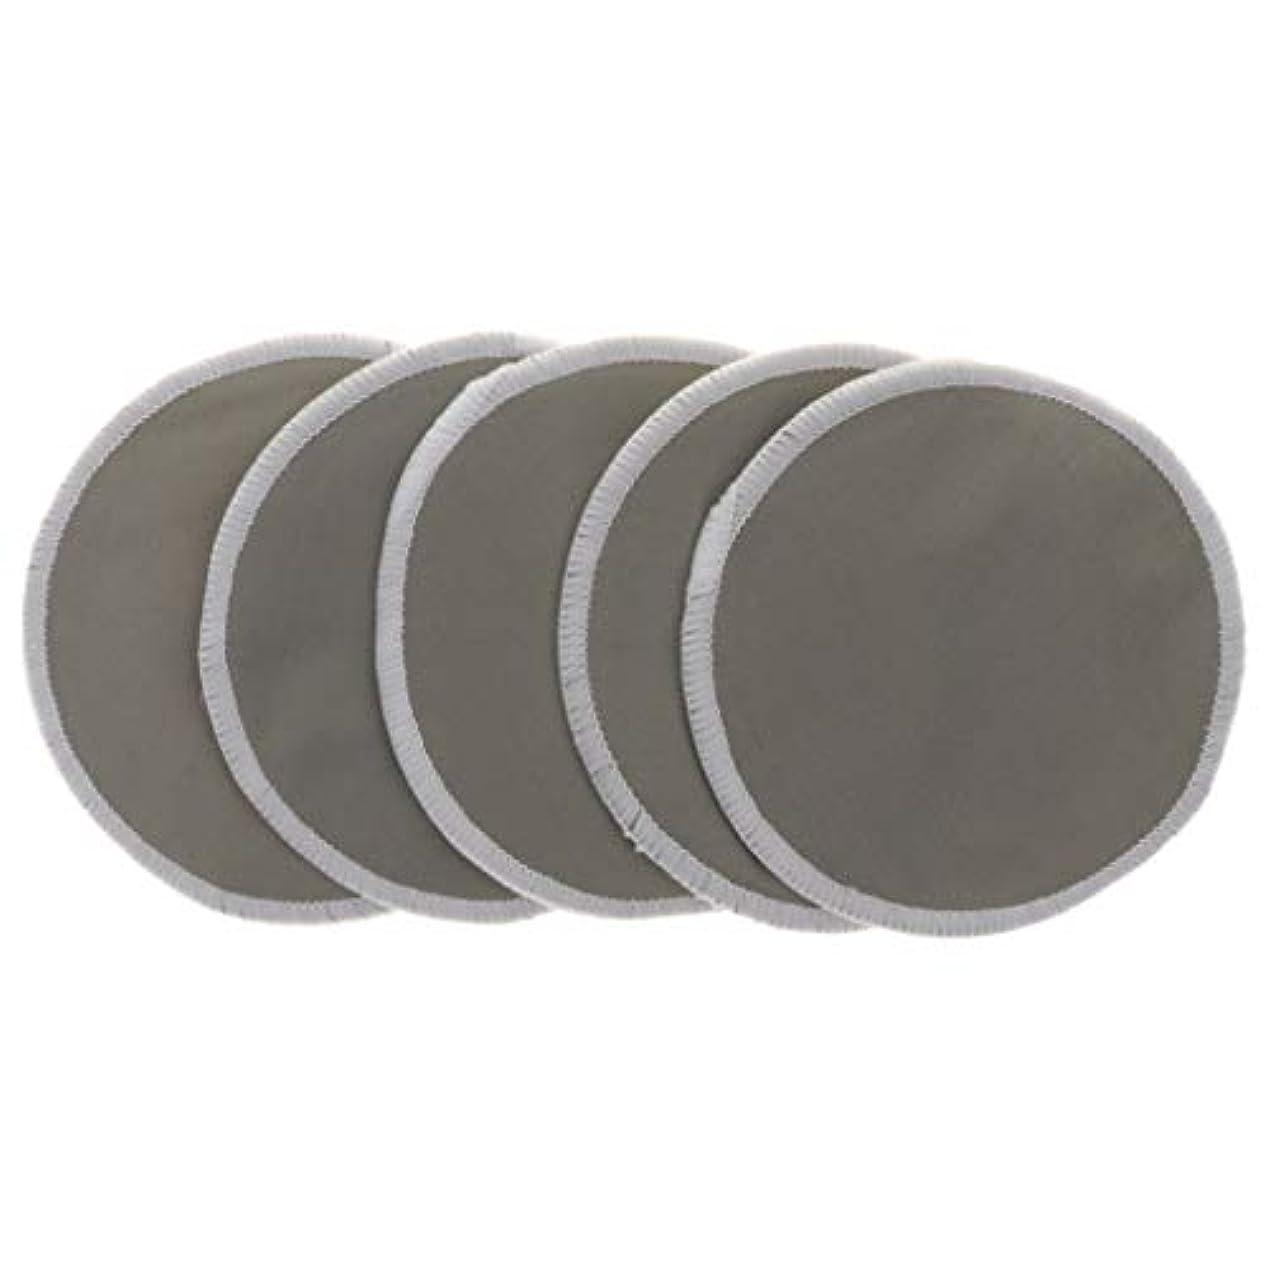 流用するやさしくスキャンダラス12cm 胸パッド クレンジングシート 化粧水パッド 竹繊維 円形 洗える 通気性 5個 全5色 - グレー